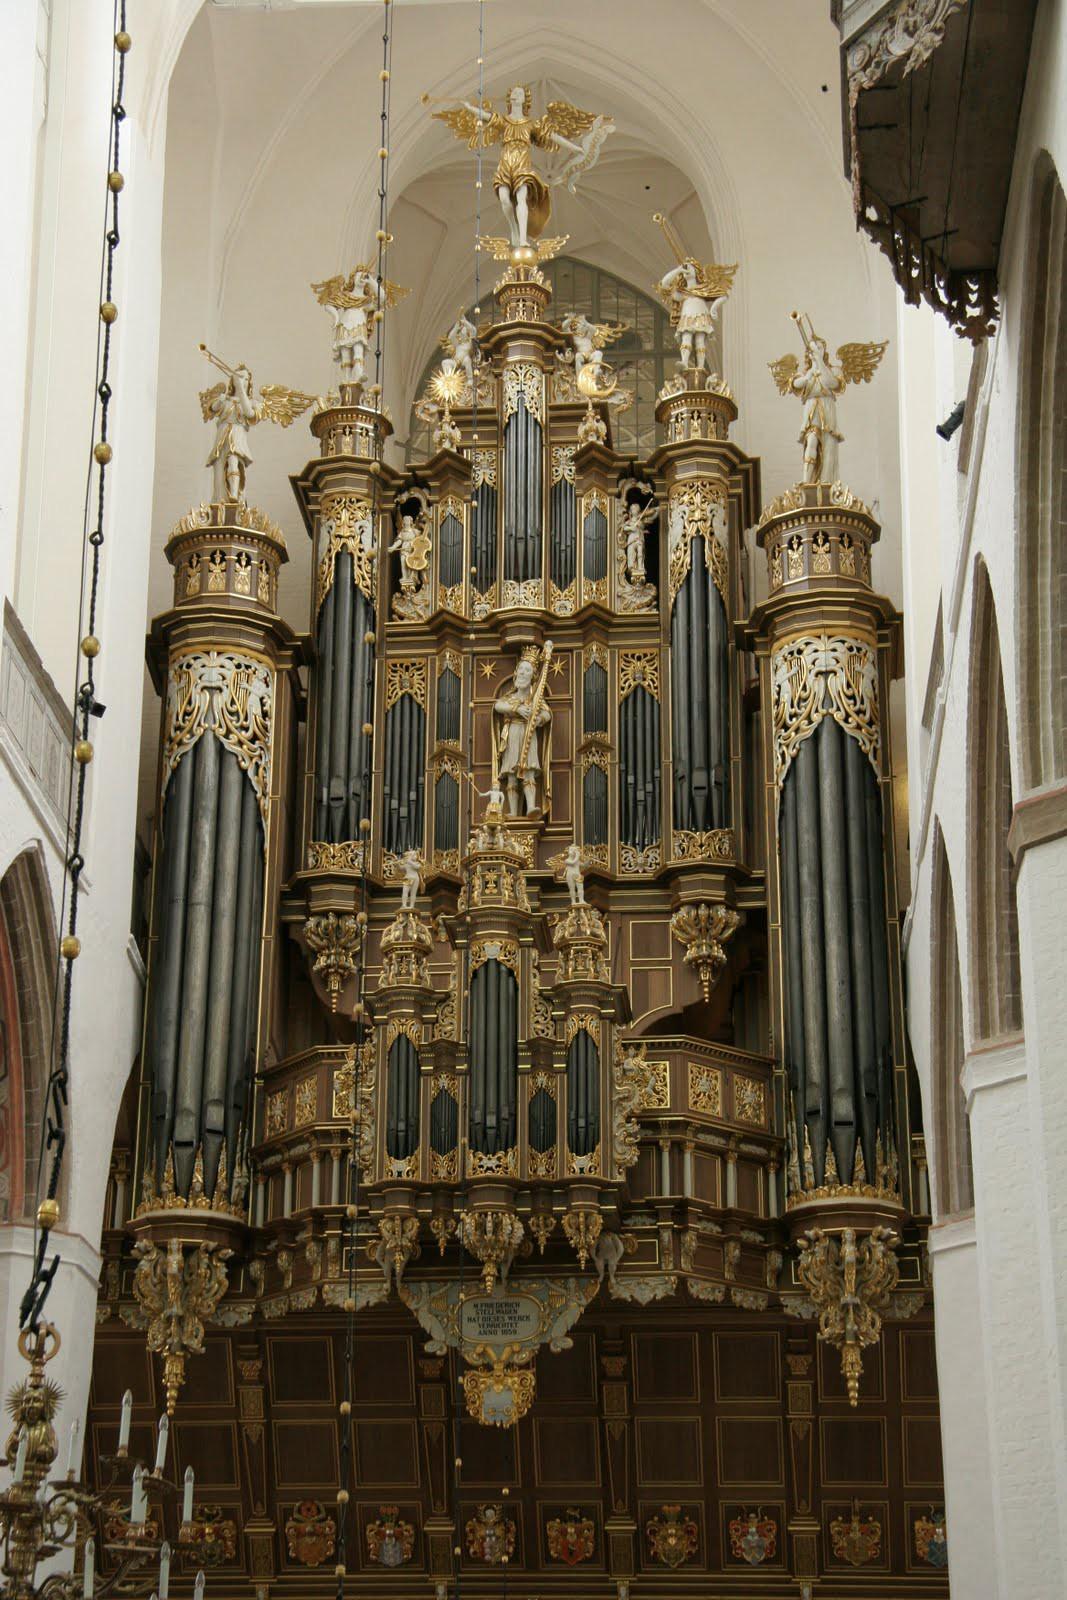 6. Церковь Св. Марии (Штральзунд, Германия) музыкальный инструмент, орган